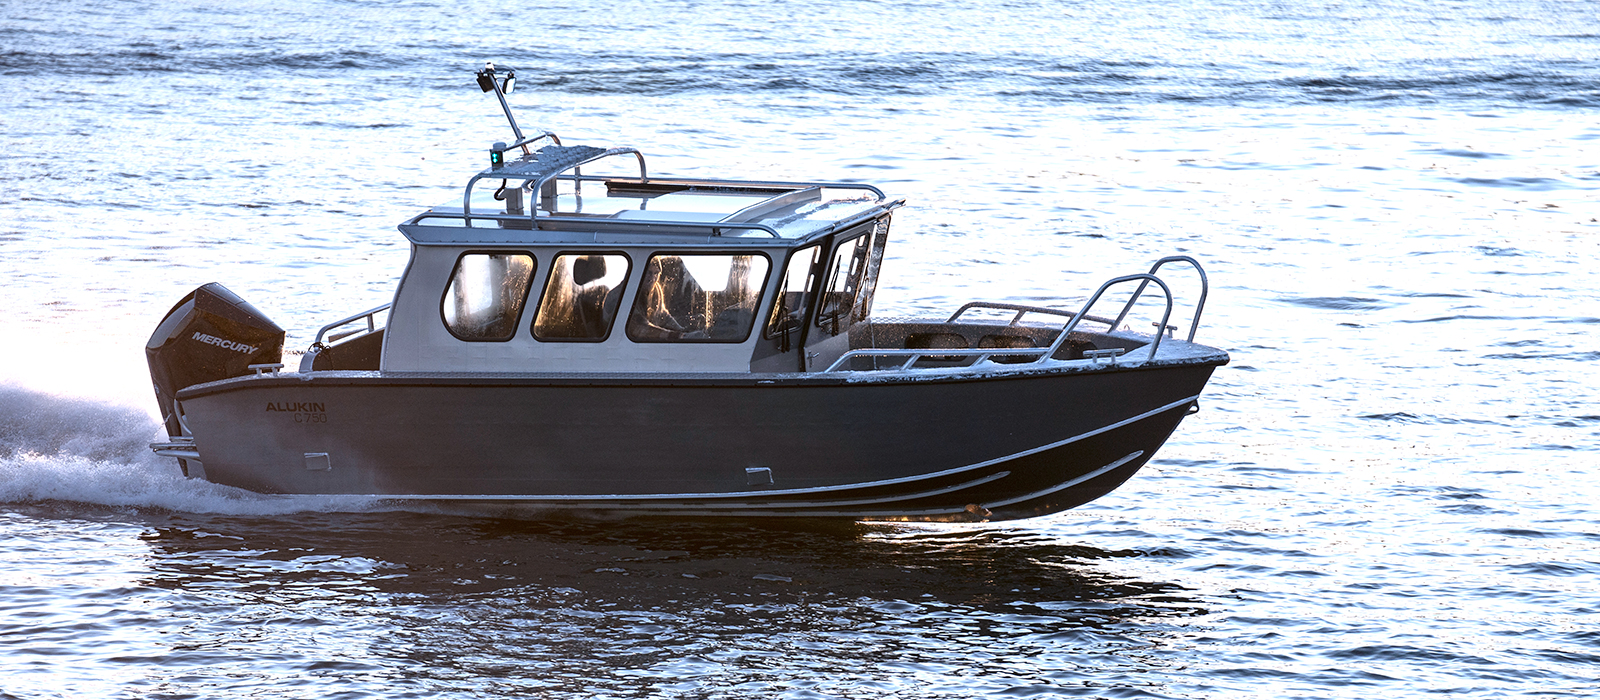 Alukin C 750 med Mercury V8-250 hk, provkör båten gärna hos Flipper Marin i Täby/Stockholm